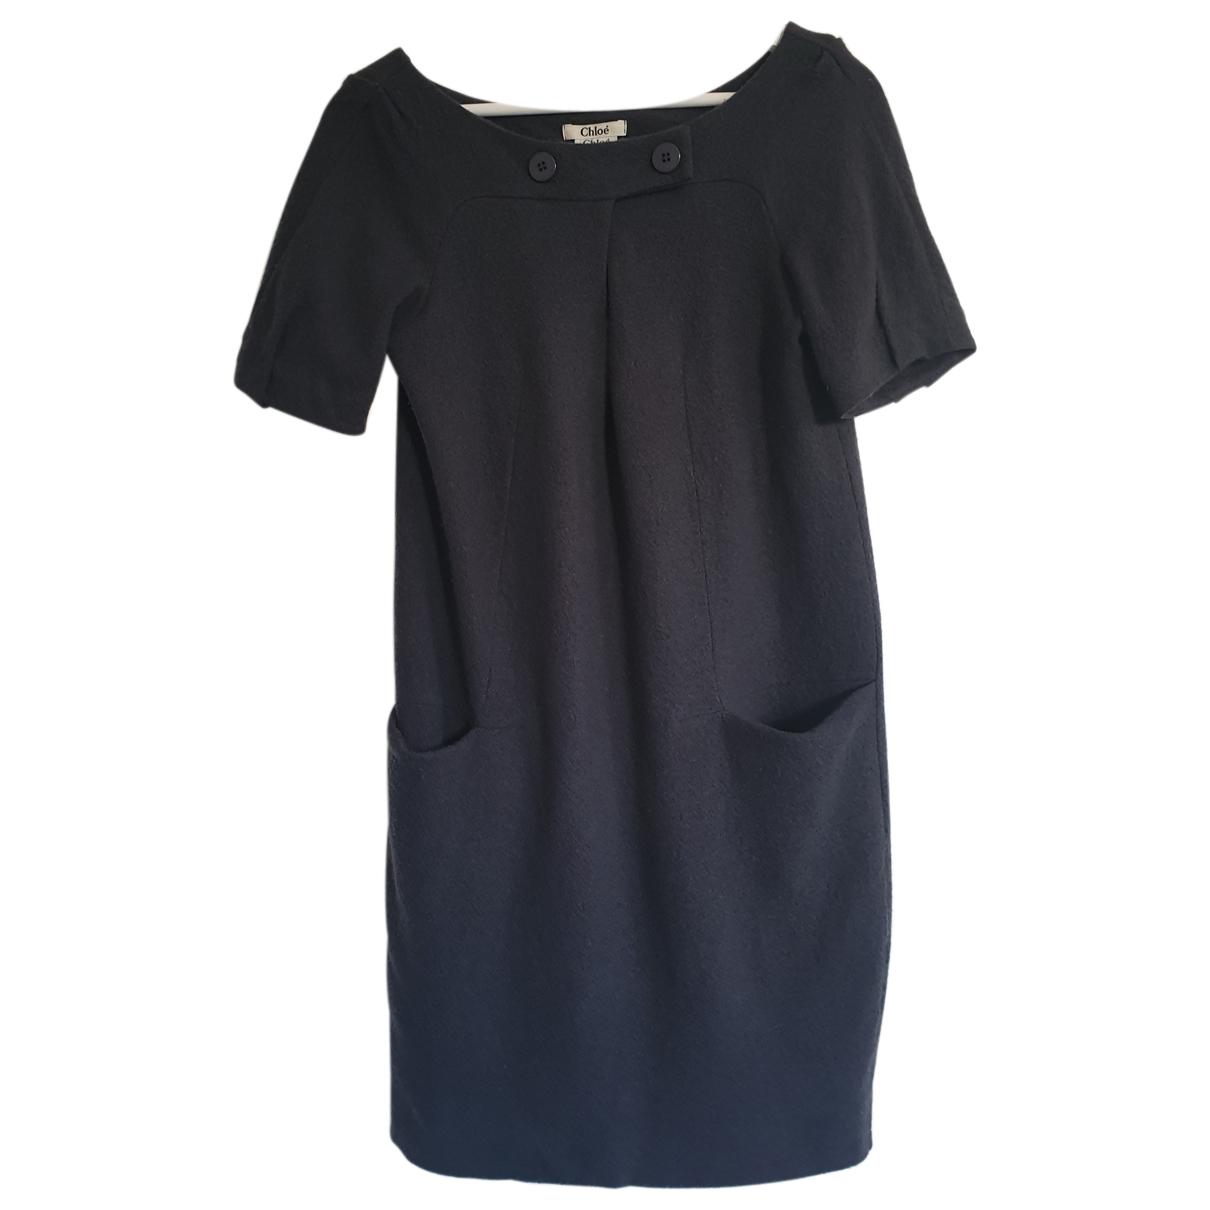 Chloe \N Kleid in  Anthrazit Wolle